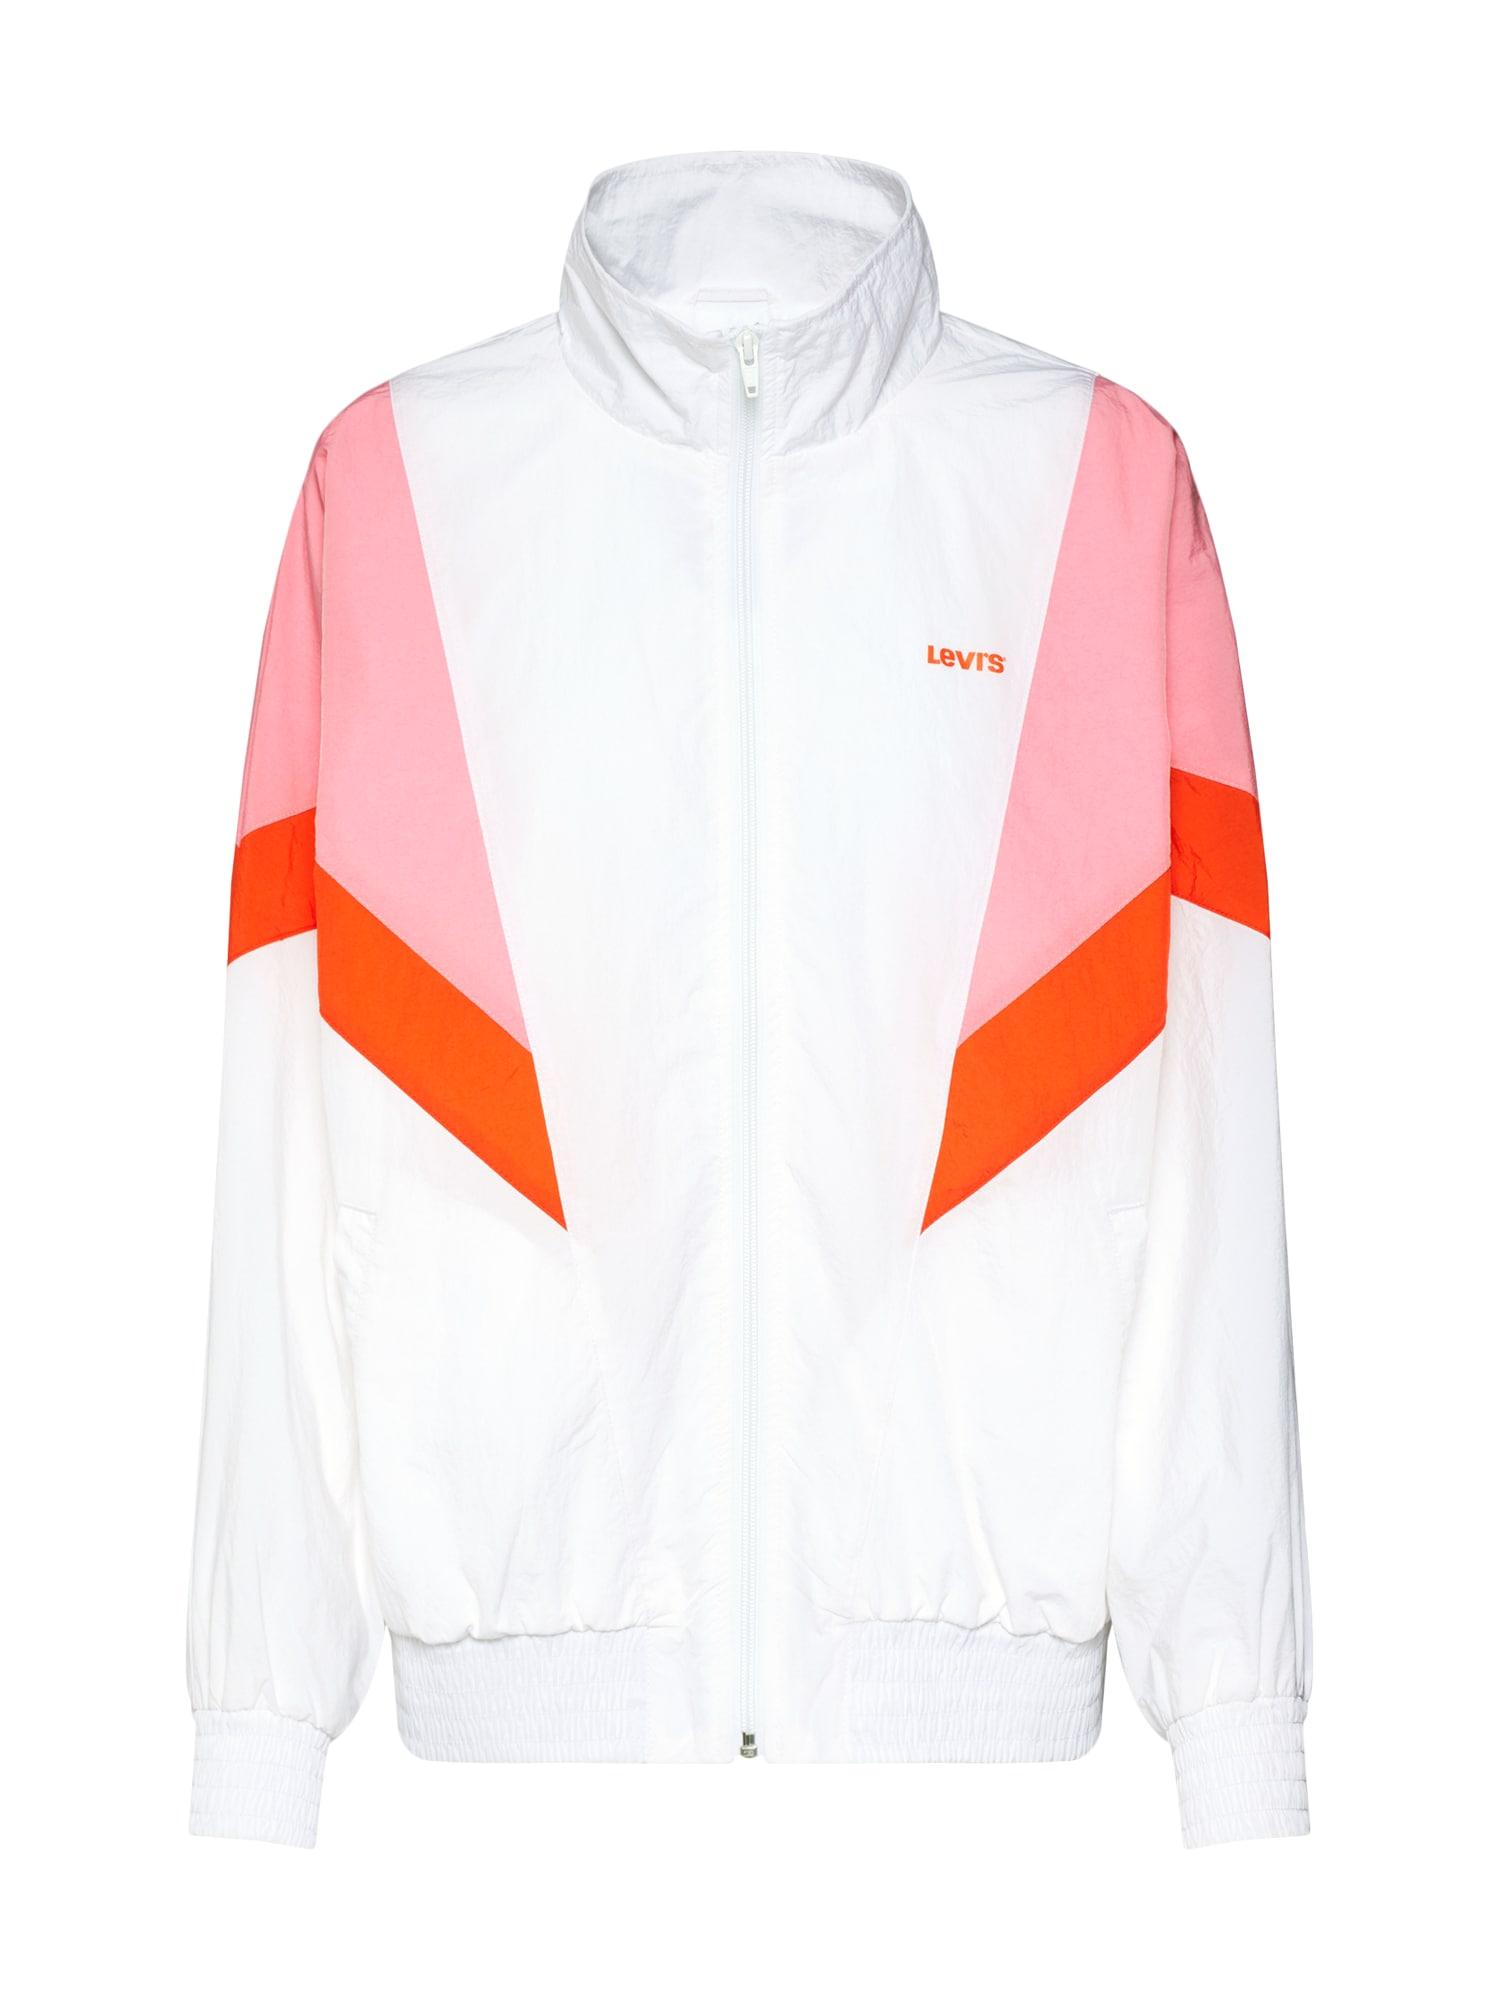 LEVIS Přechodná bunda REESE WINDBREAKER oranžová růžová bílá LEVI'S